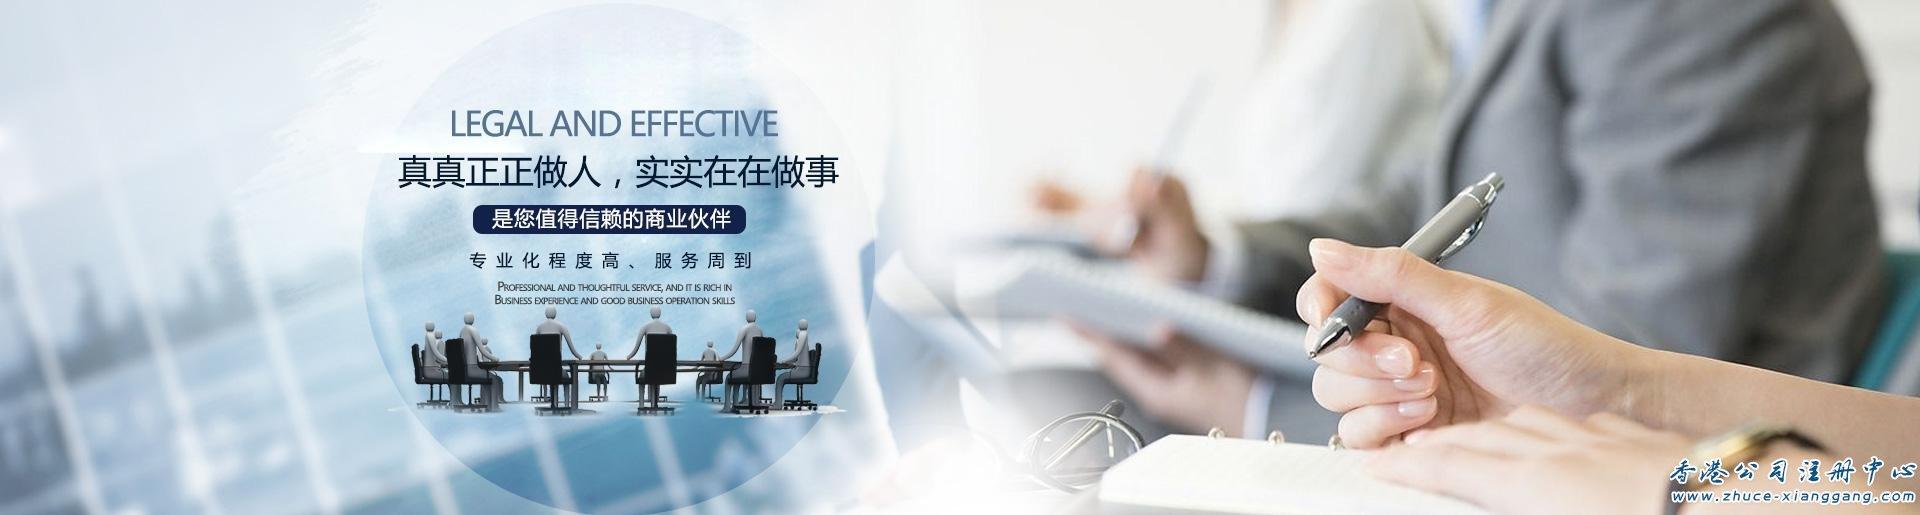 香港会计师事务所-香港公司注册中心